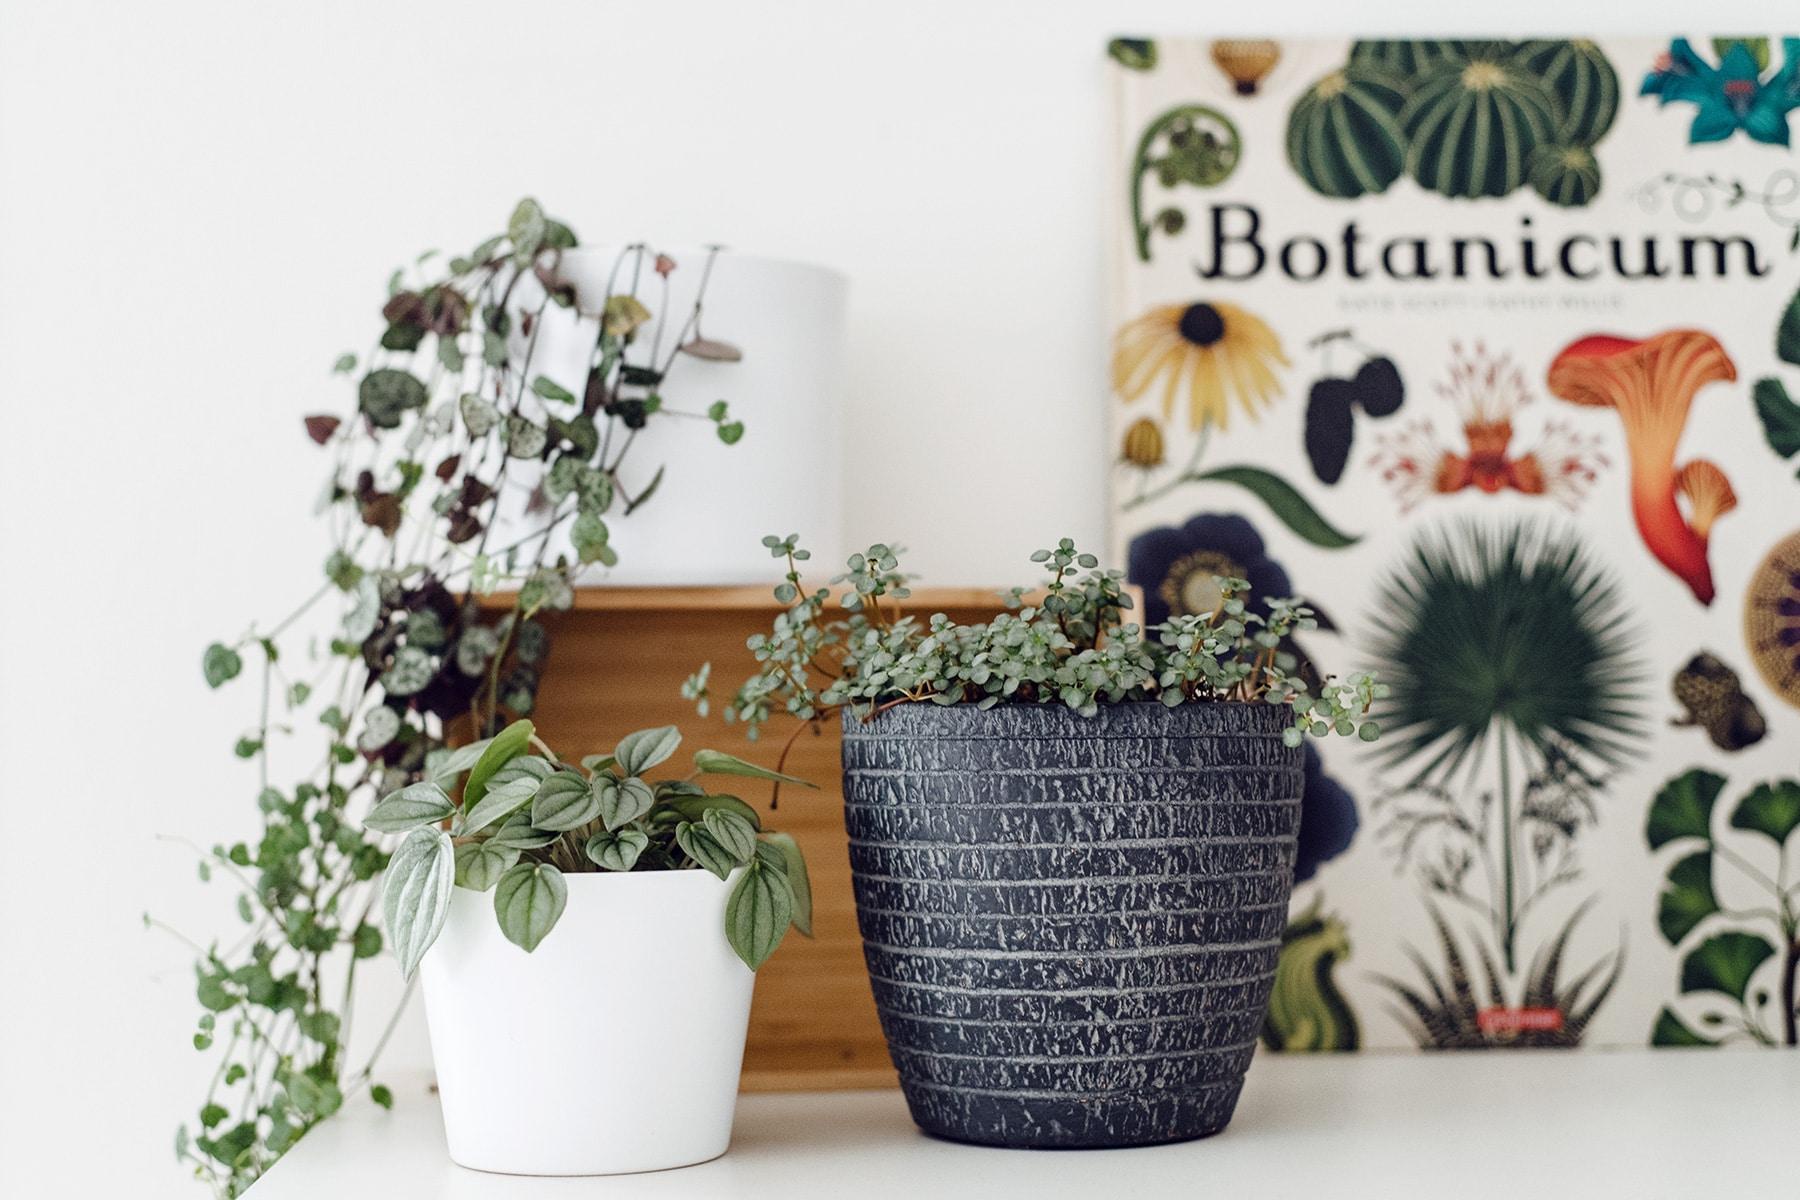 """Quelques plantes d'intérieur sur une étagère et le livre """"Botanicum"""" en fond"""